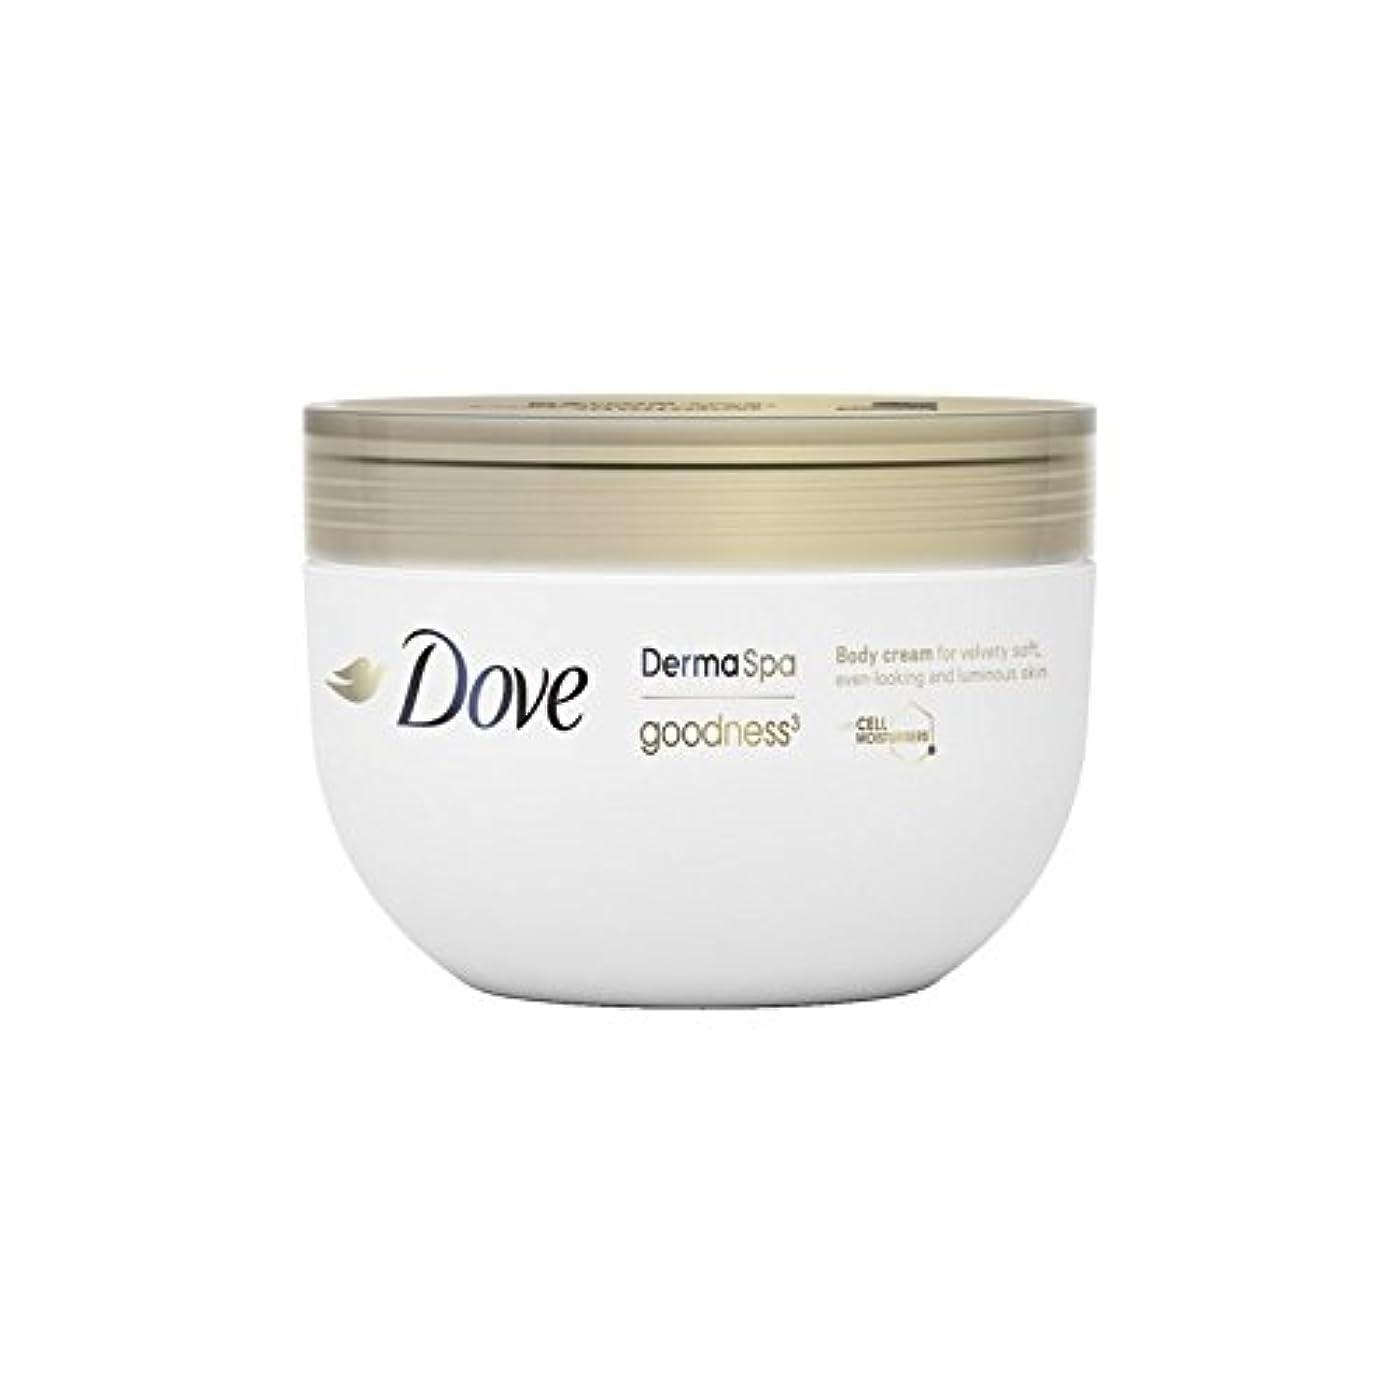 動的かりて句鳩の3ボディクリーム(300ミリリットル) x4 - Dove DermaSpa Goodness3 Body Cream (300ml) (Pack of 4) [並行輸入品]